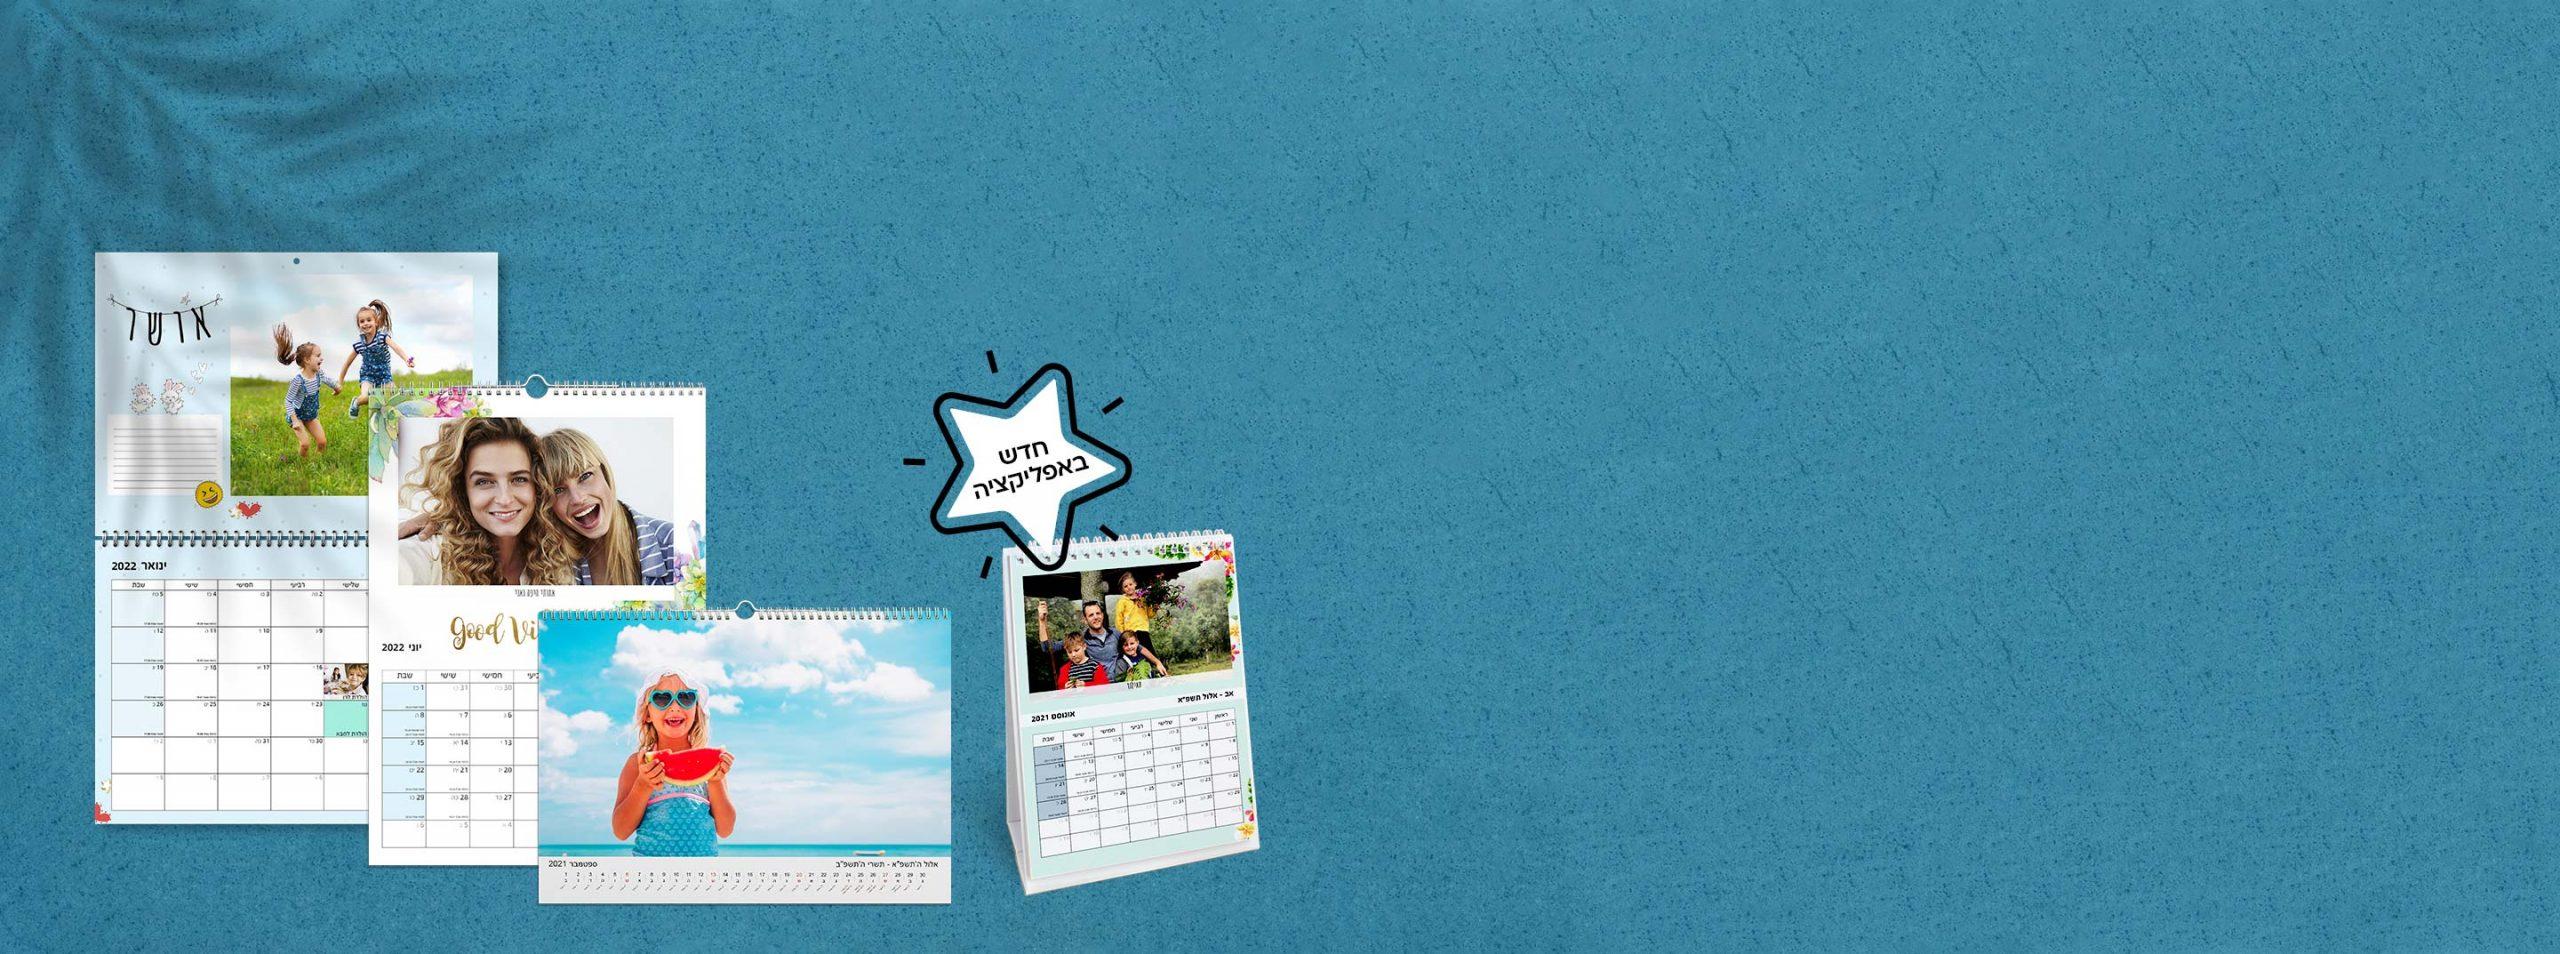 לוח שנה בעיצוב אישי של לופה